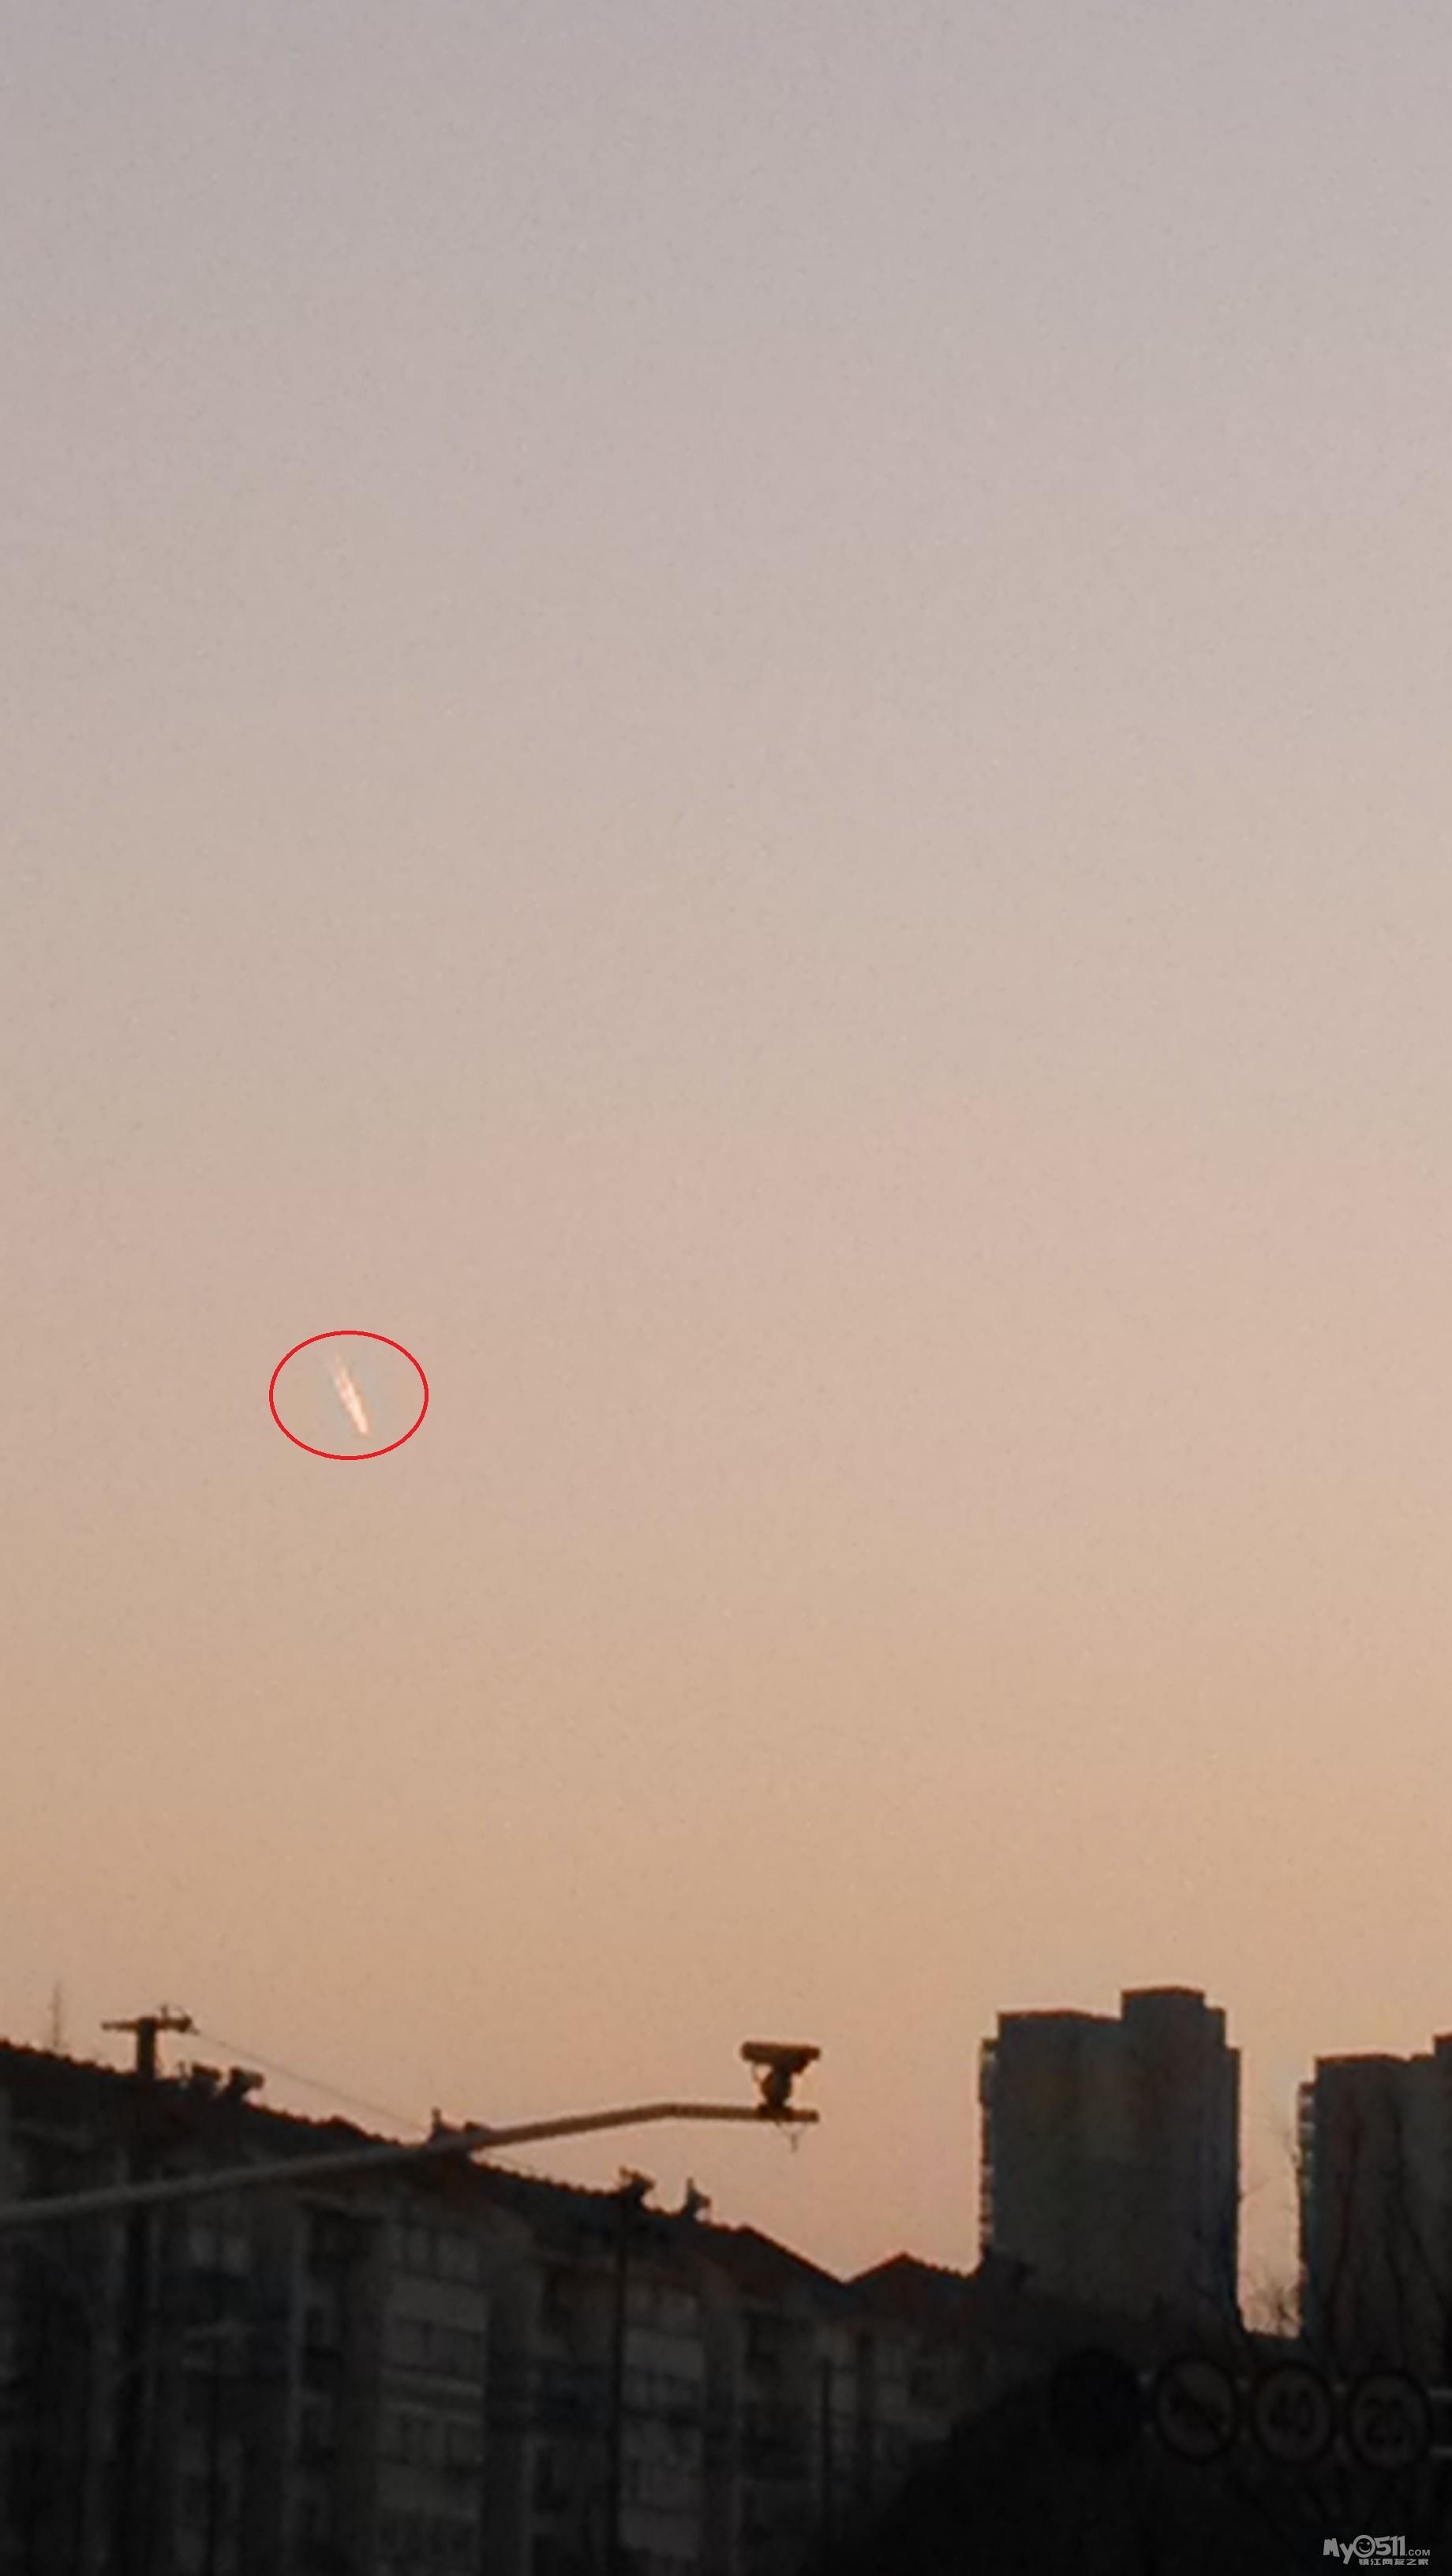 今天镇江是不是有飞机坠落了 难道是马航的mh370吗 有视频高清图片